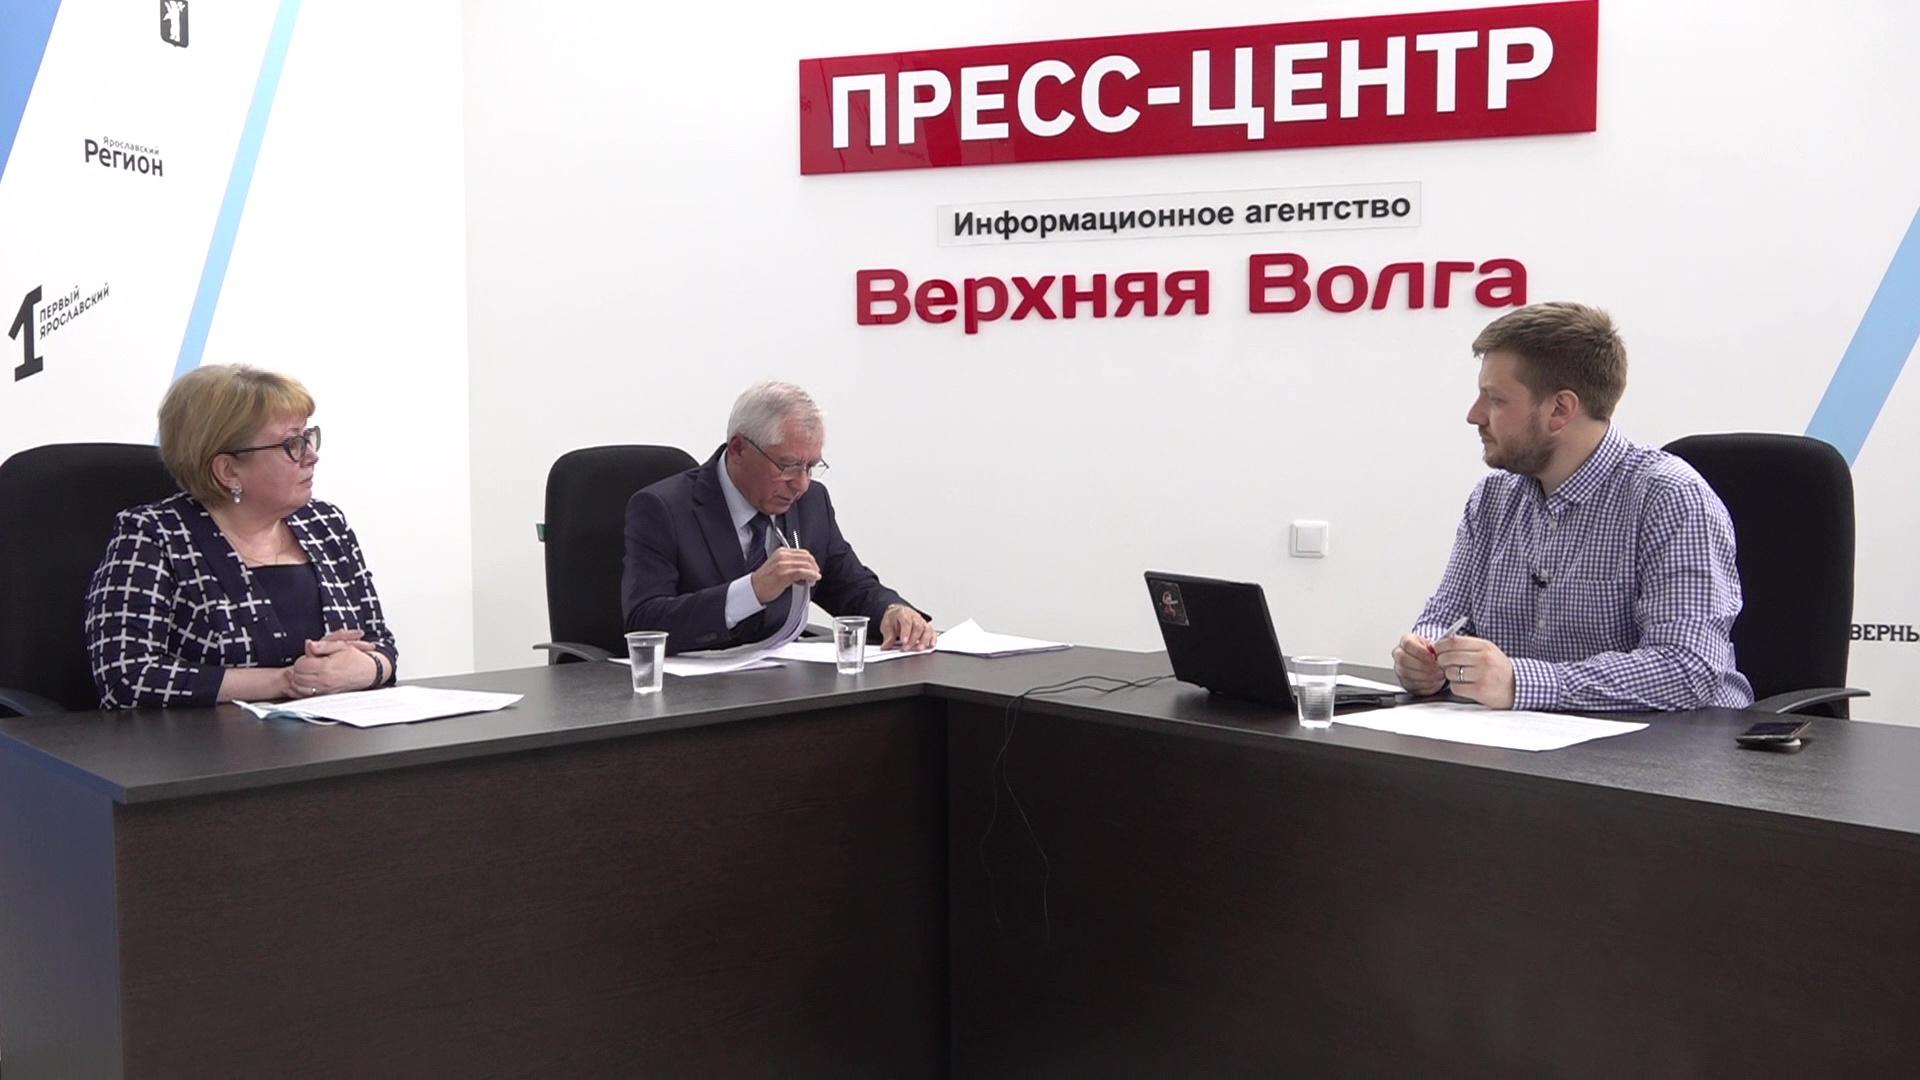 Пенсионный фонд выплатил полтора миллиарда рублей ярославским семьям с детьми от 3 до 16 лет